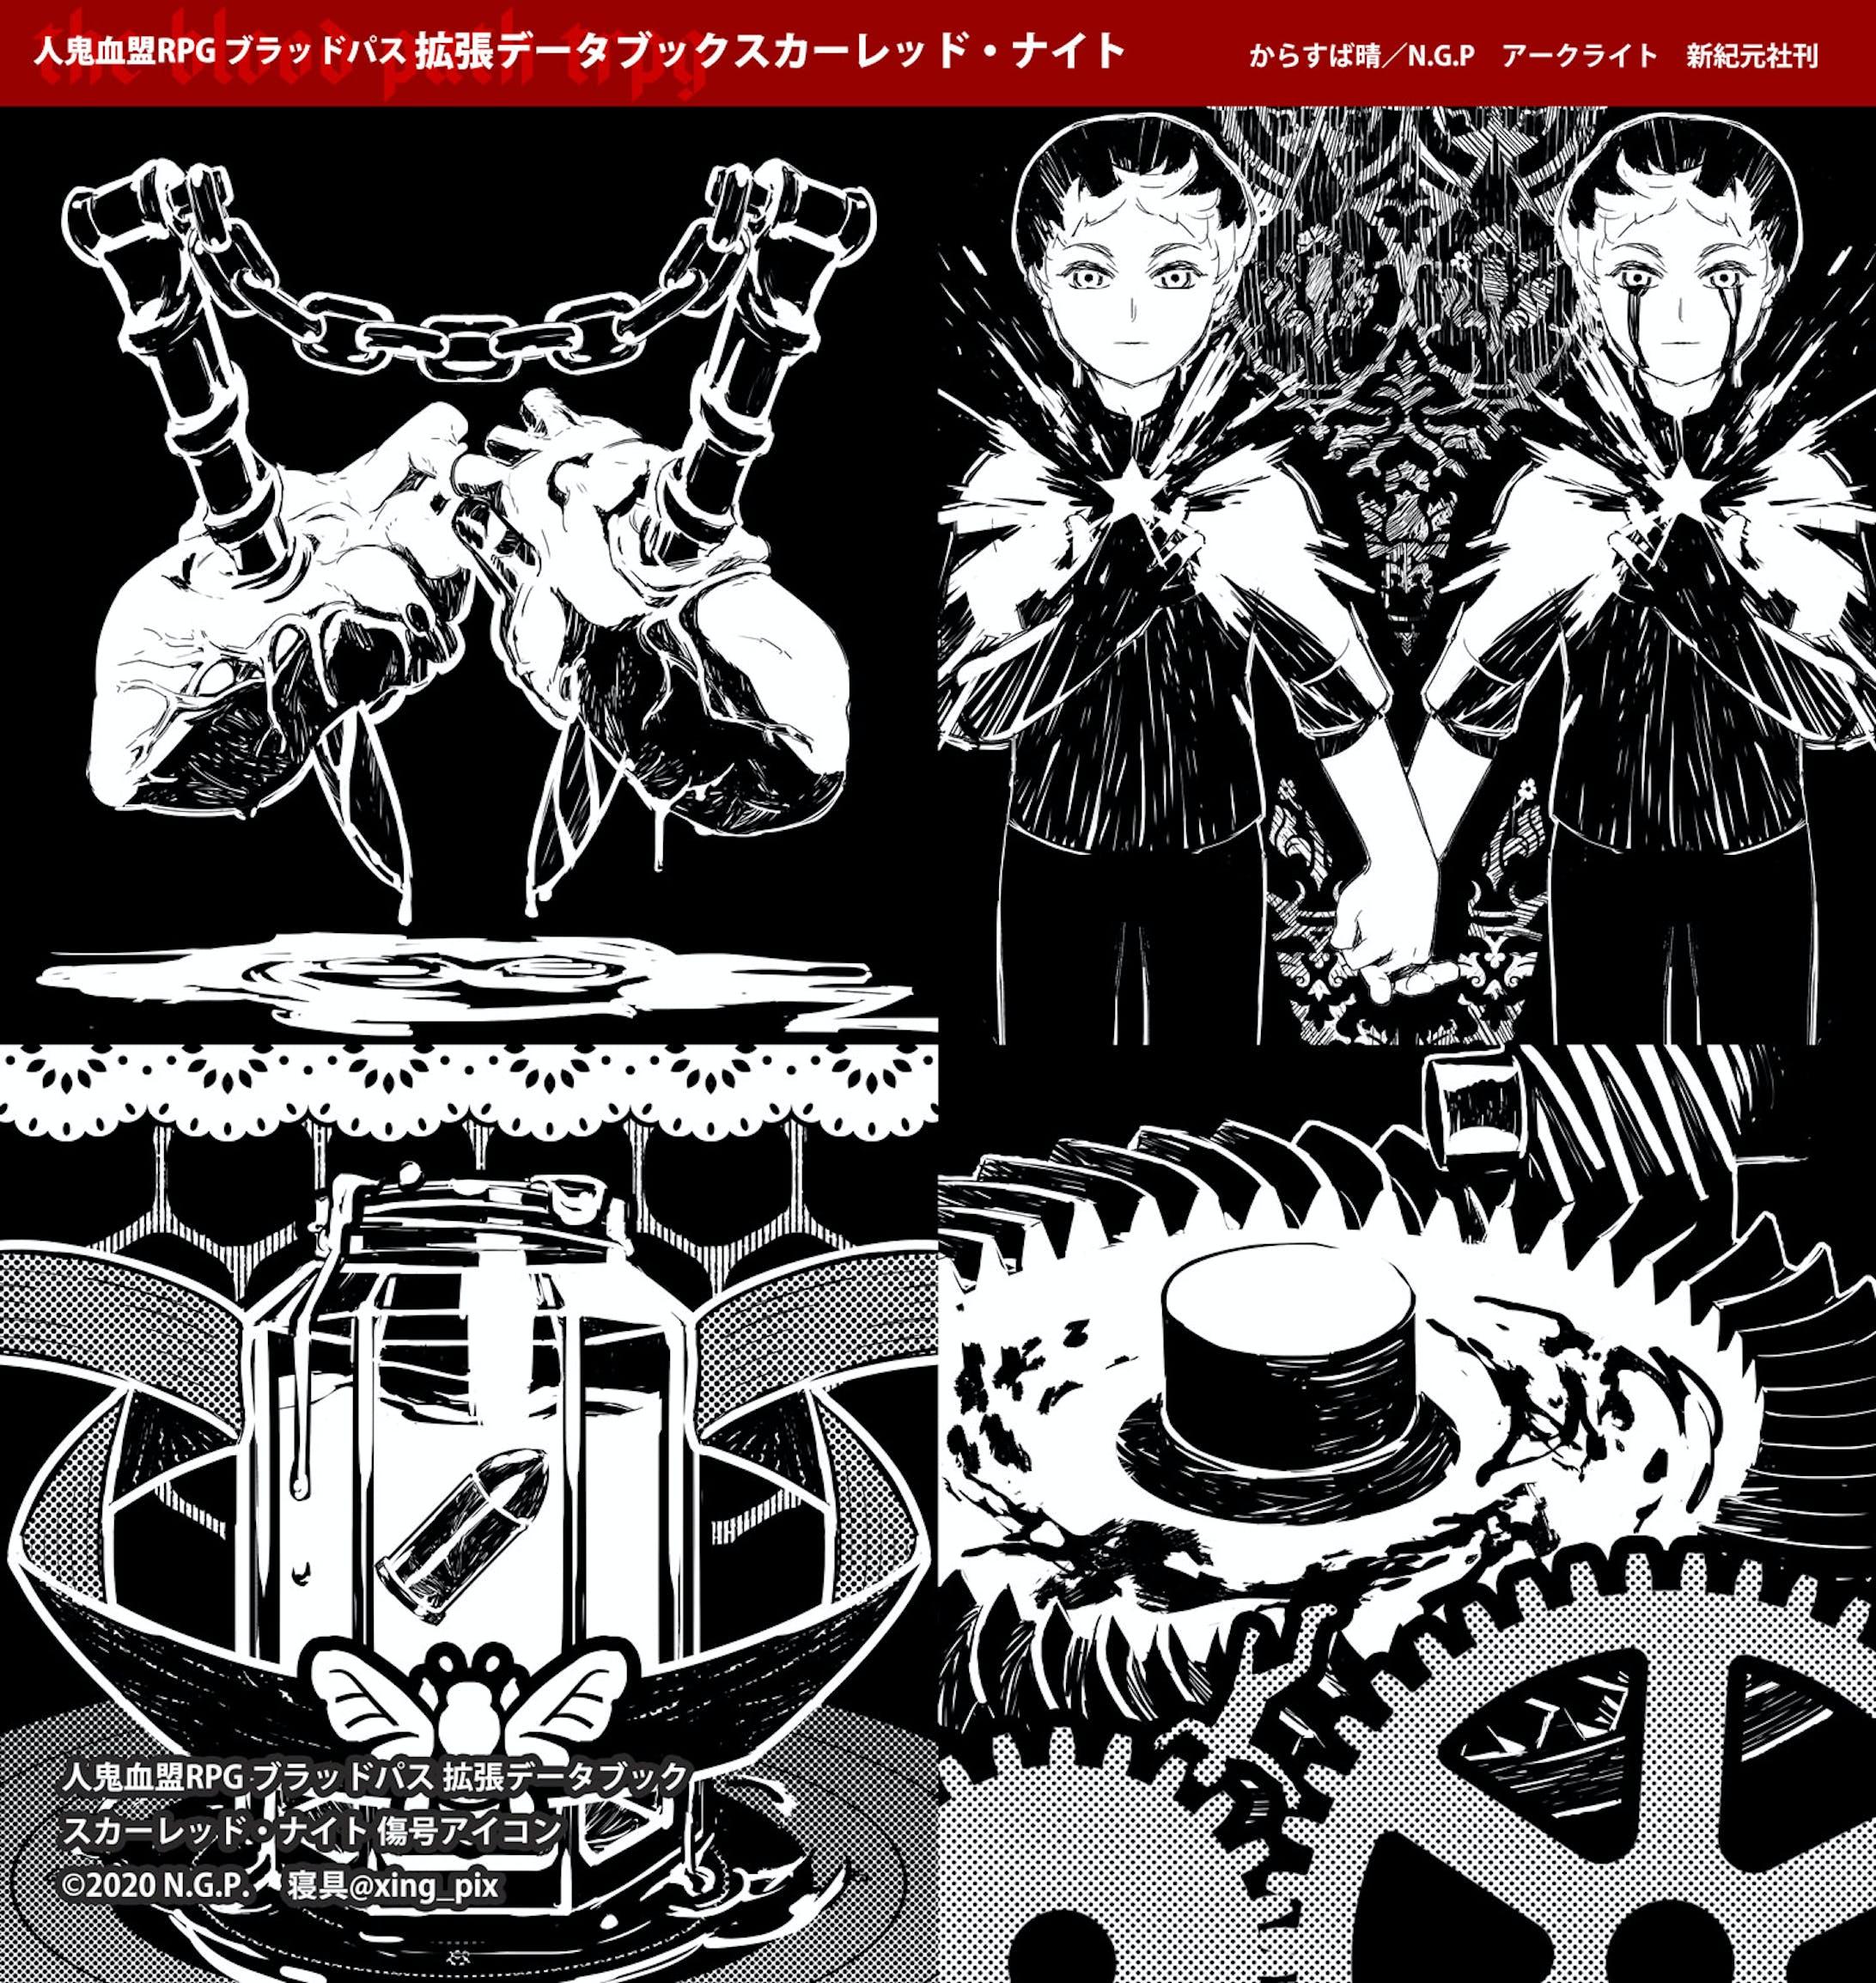 人鬼血盟TRPGブラッドパス スカーレッドナイト - イラスト-1